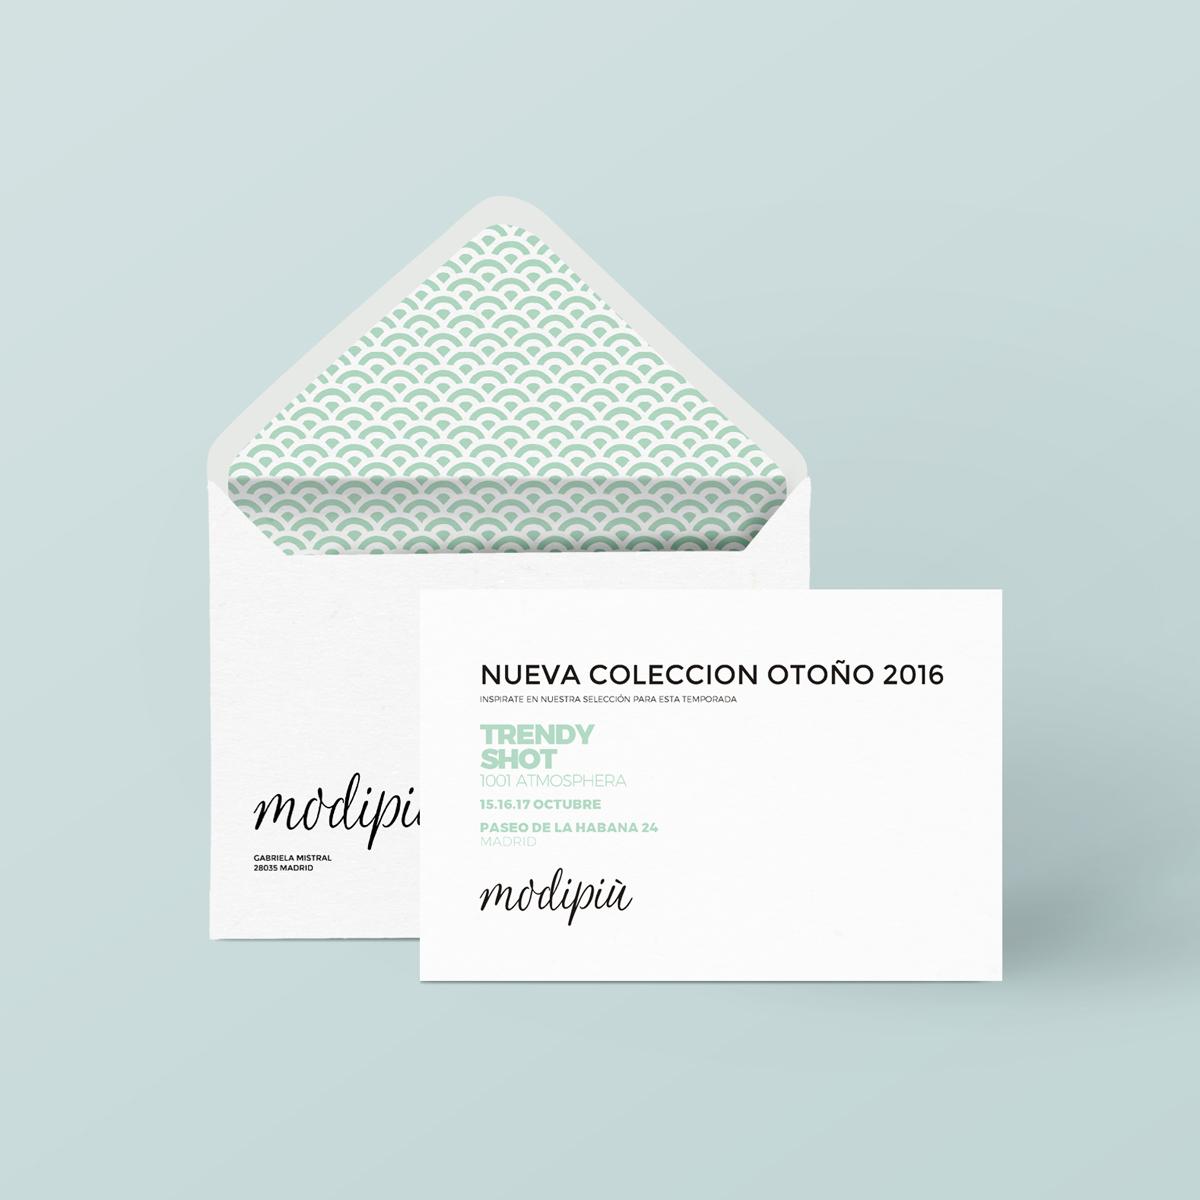 MODIPIU INVITACION01